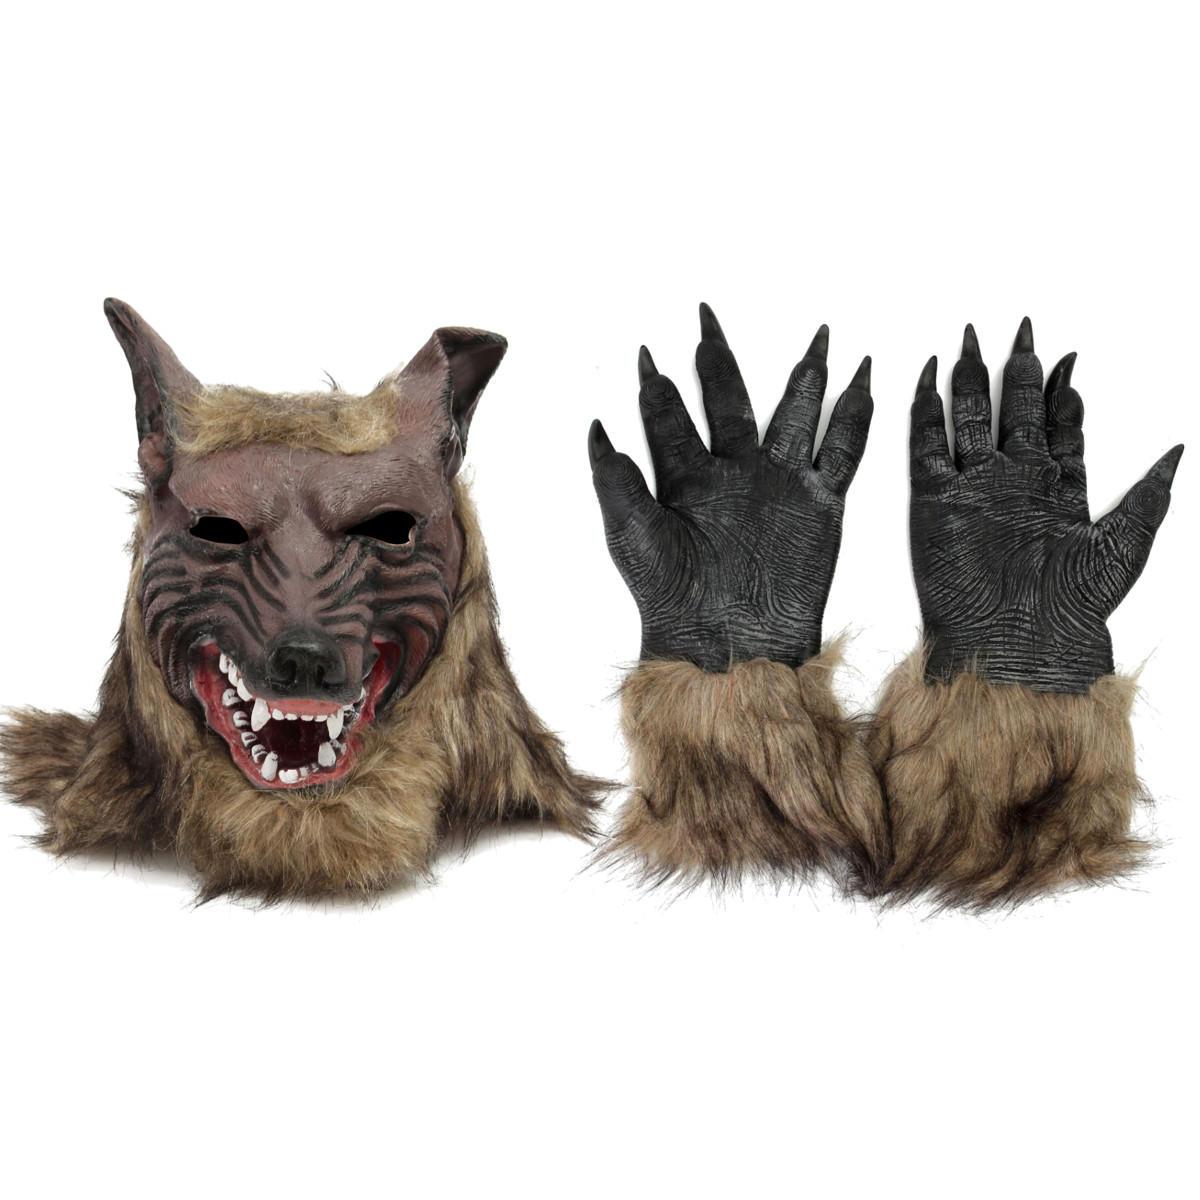 1 / 2PCS Латекс Резиновый волк Глава Волосы Маска Оборотень Перчатки Партия Страшный Хэллоуин Косплей